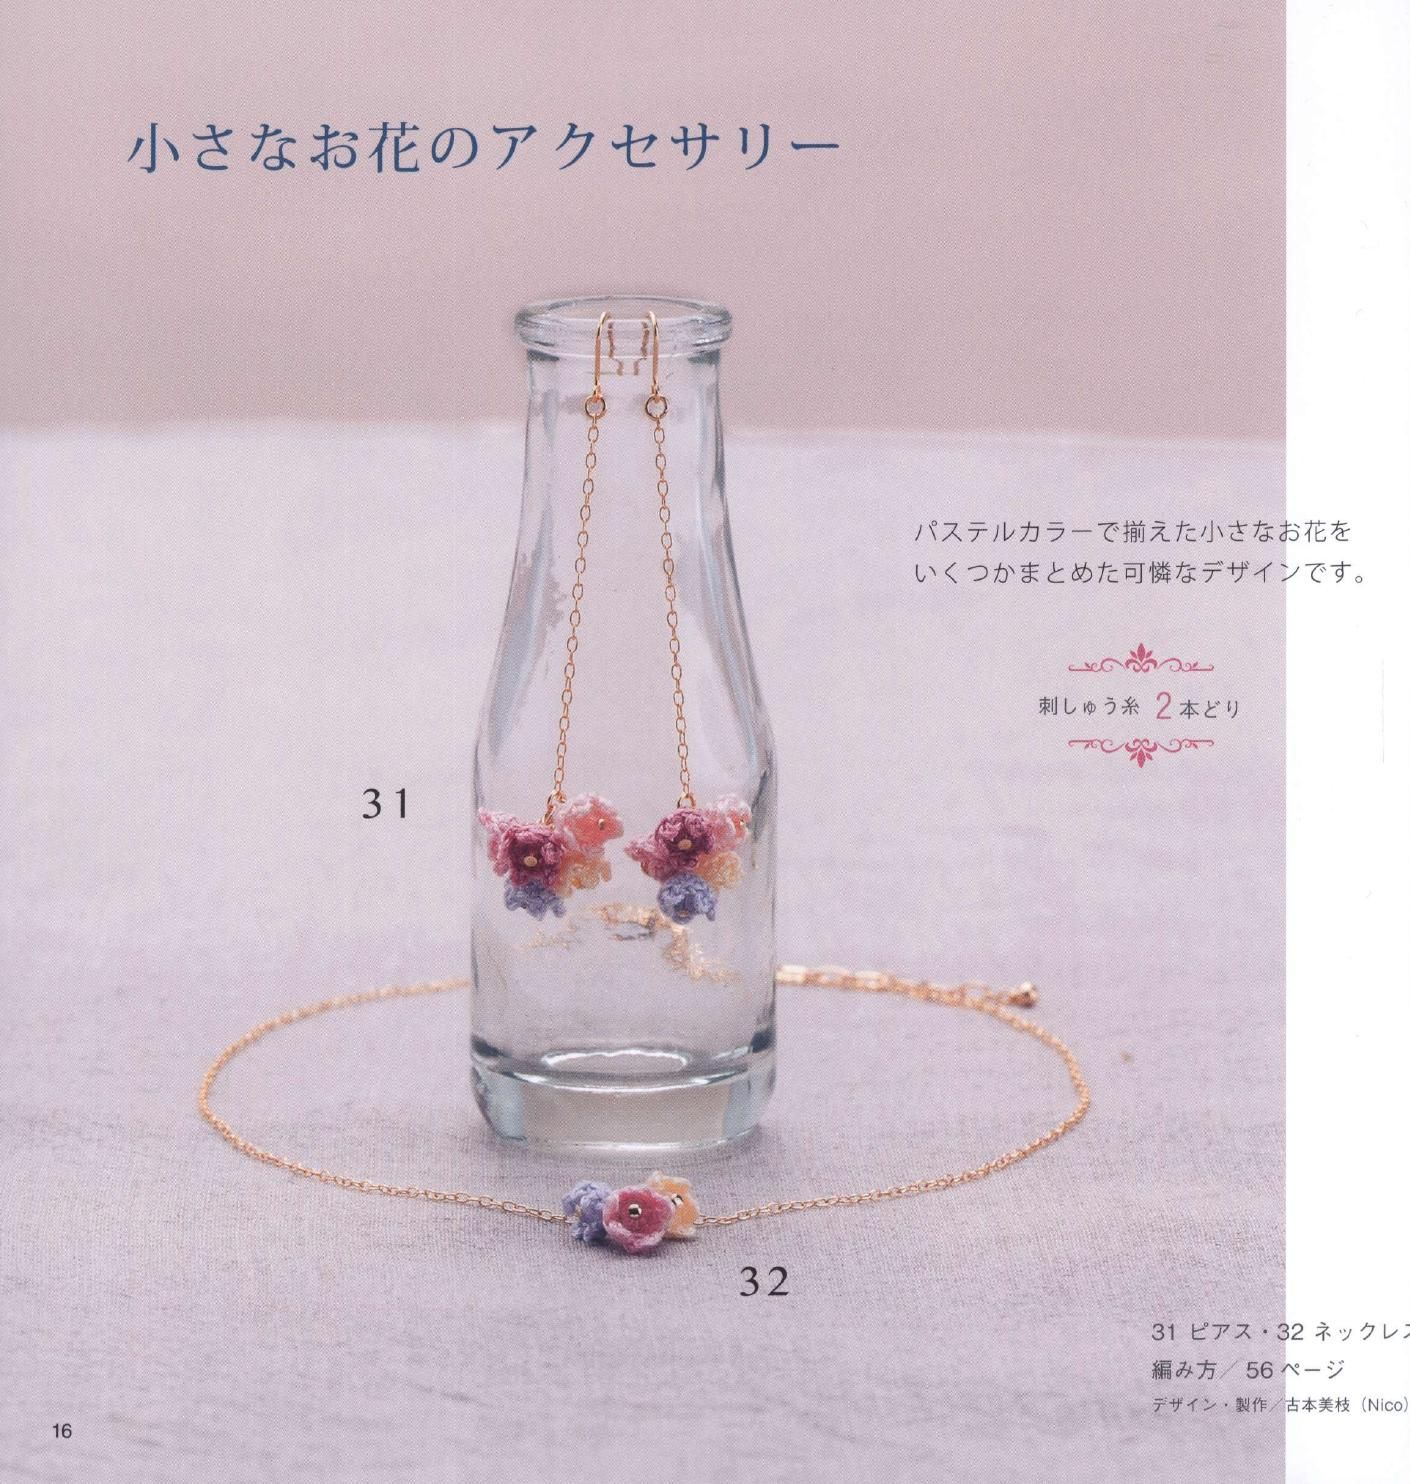 ISSUU - Crochet accessory with embroidery thread von vlinderieke ...